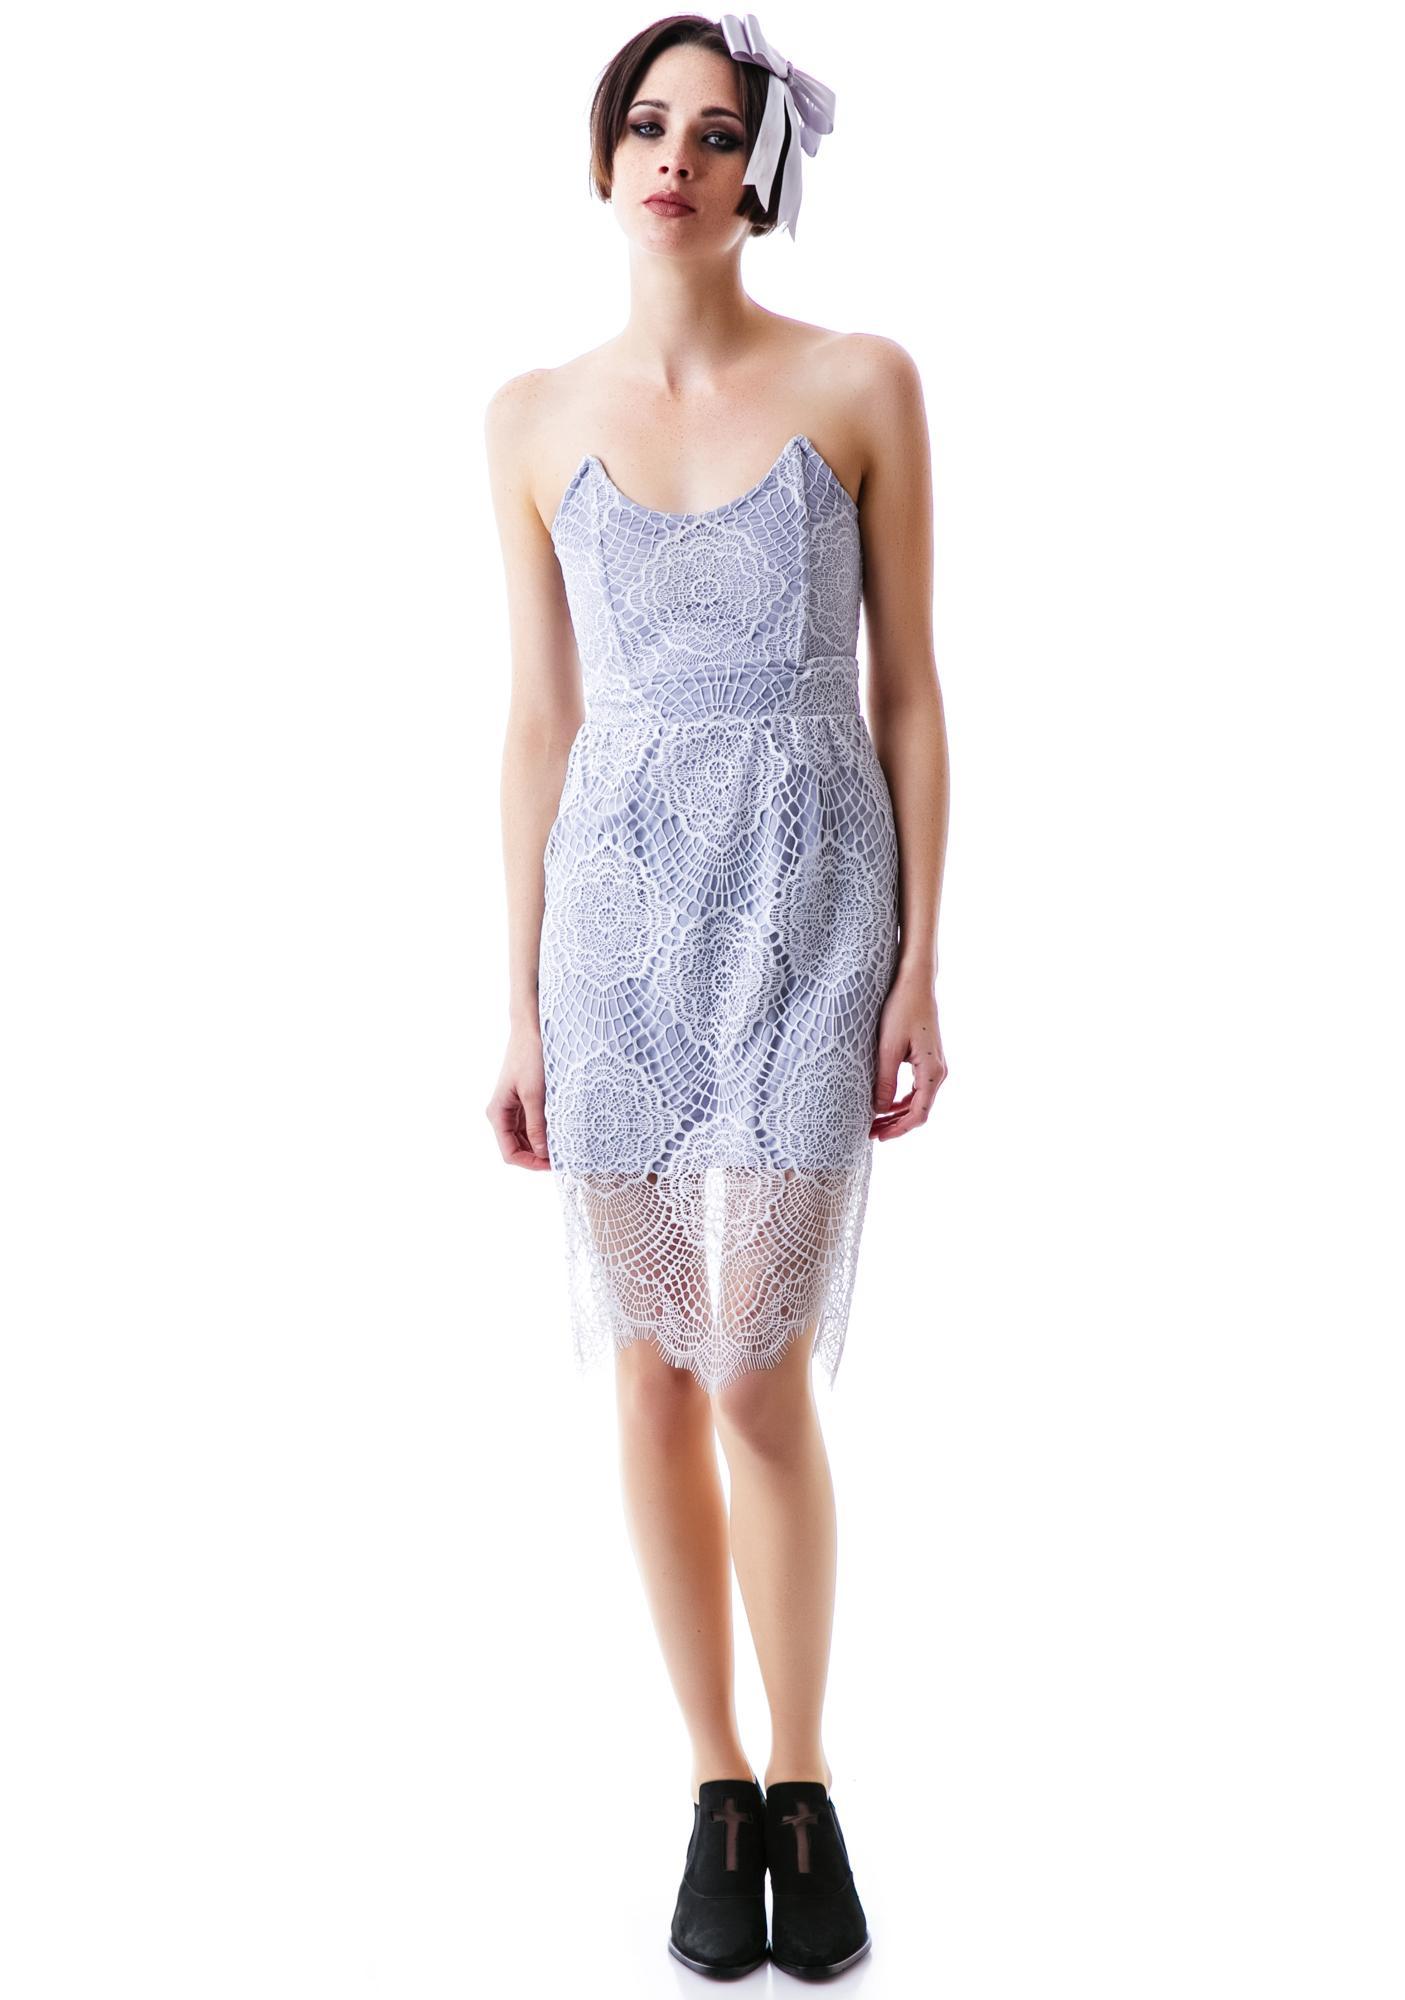 For Love & Lemons Black Swan Dress